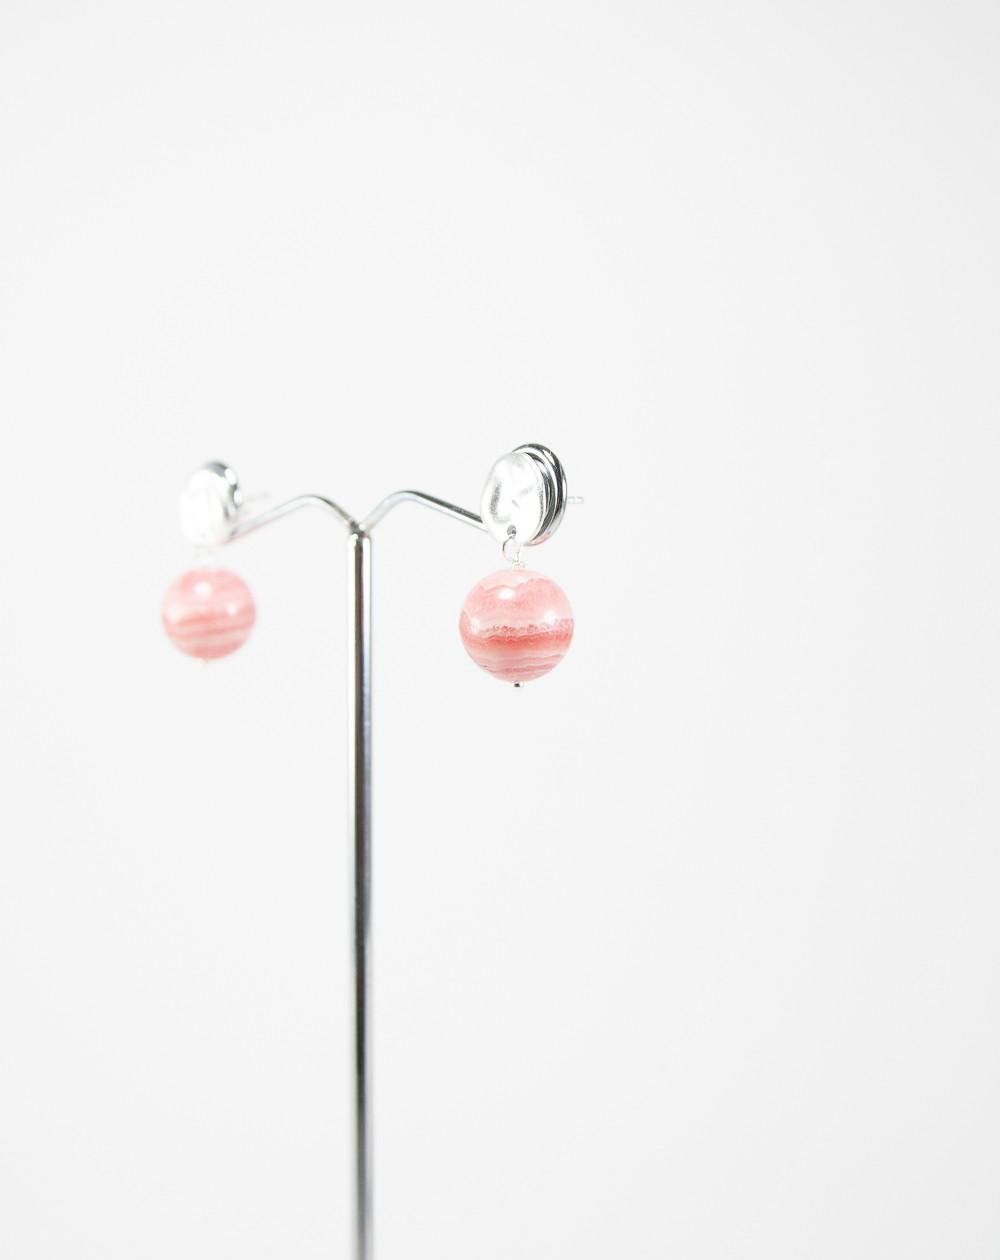 Boucles d'oreilles argent brossé et Rhodochrosite, Sanuk création